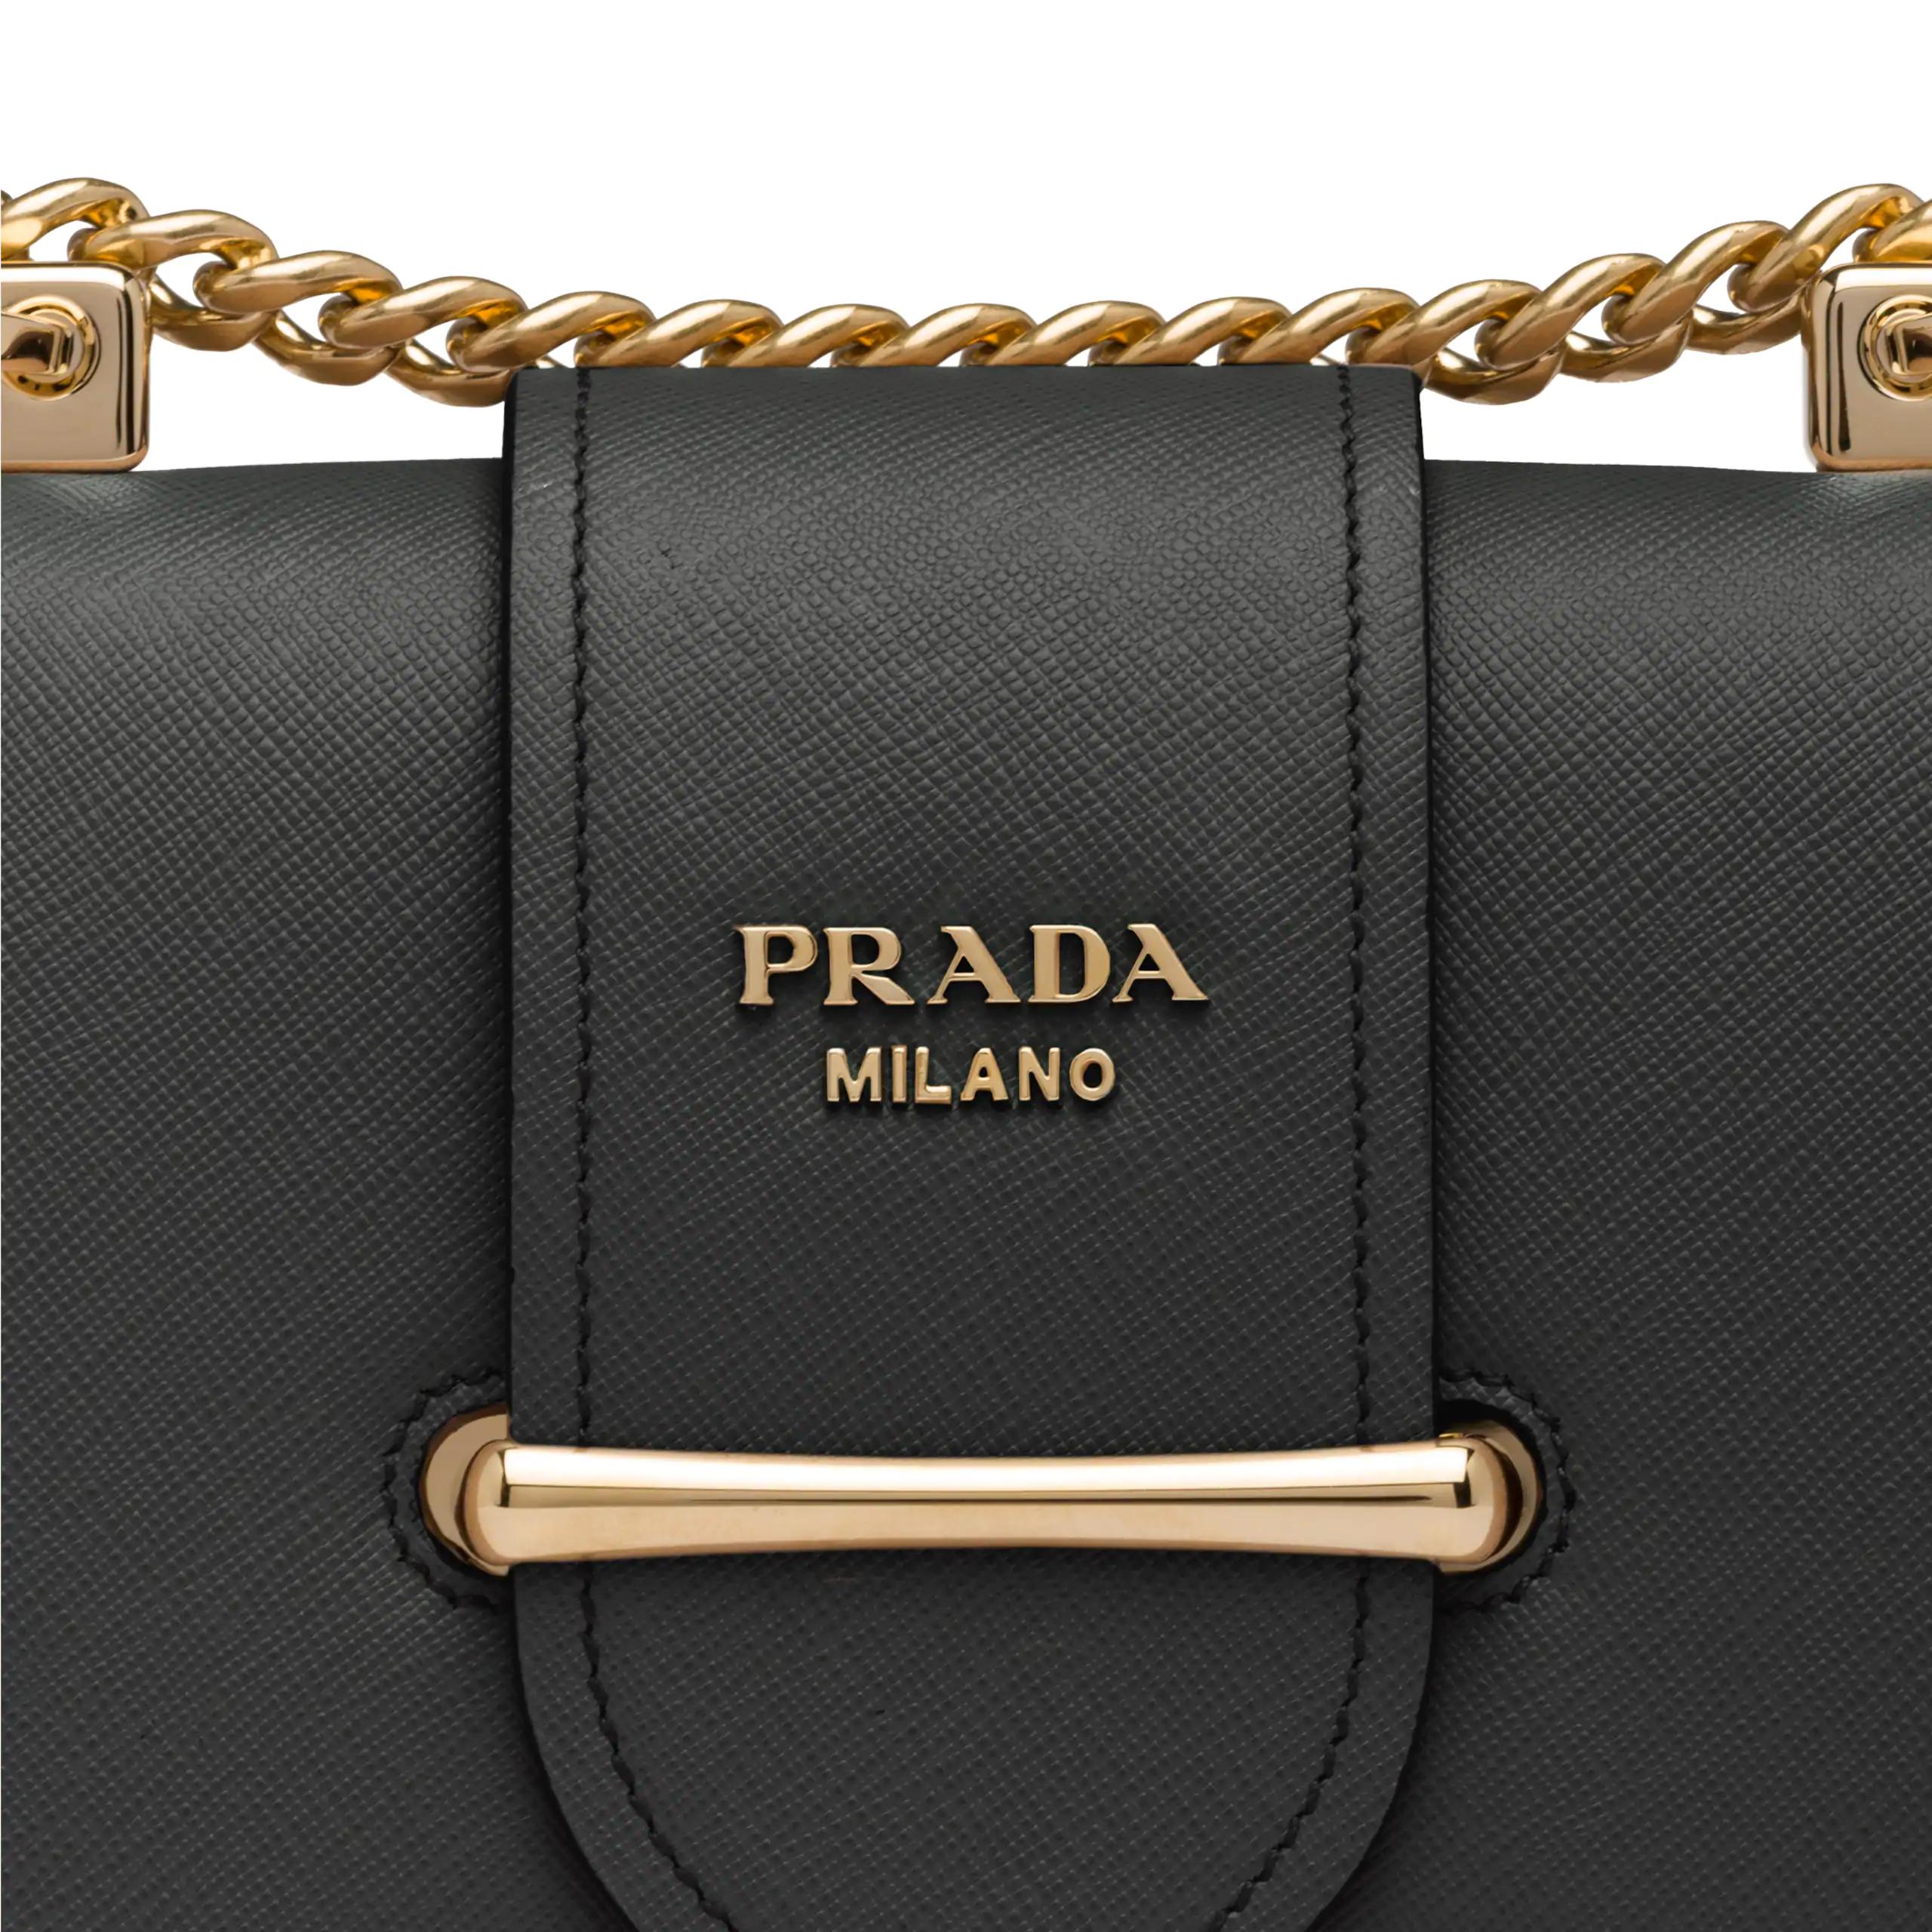 Prada Sidonie Textured-Leather Shoulder Bag In Black